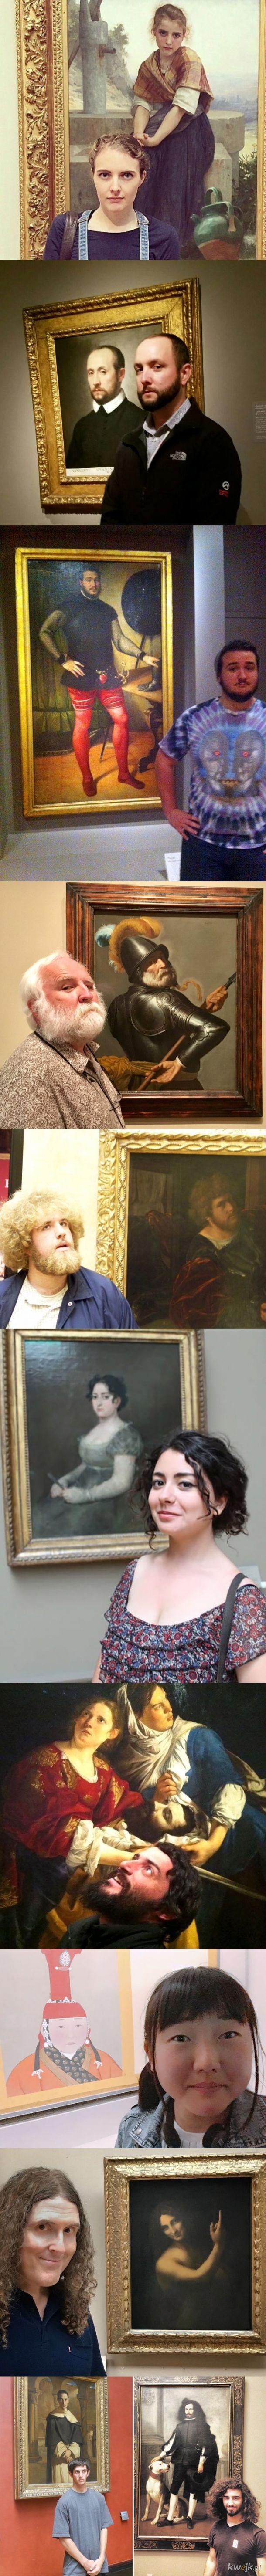 Ludzie, którzy przypadkowo znaleźli swoje podobizny w muzeach